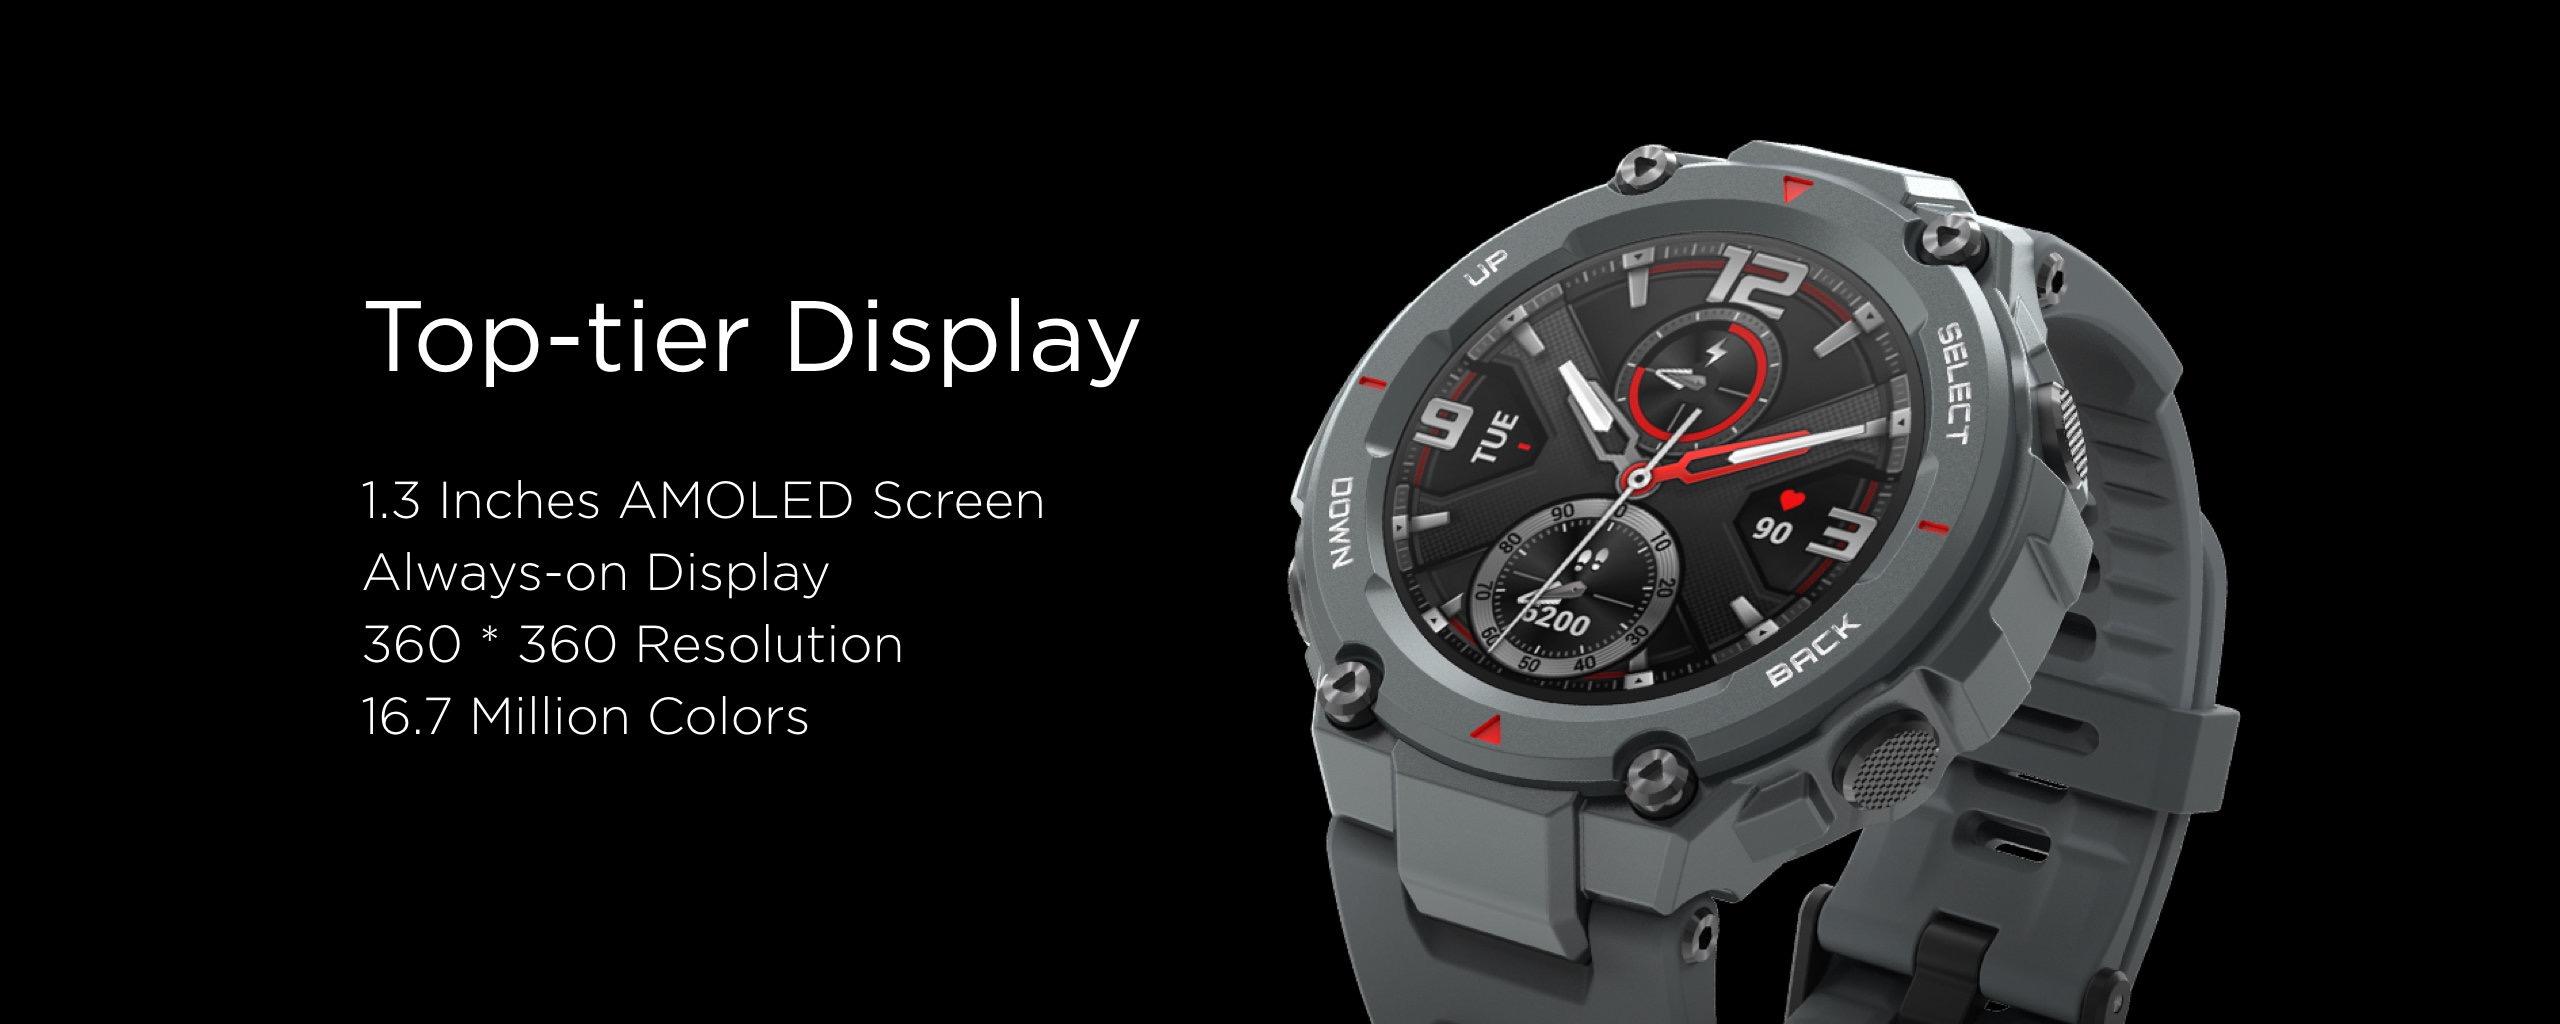 Nuevo Amazfit T-Rex, características, especificaciones, precio y fecha de lanzamiento. Noticias Xiaomi Adictos